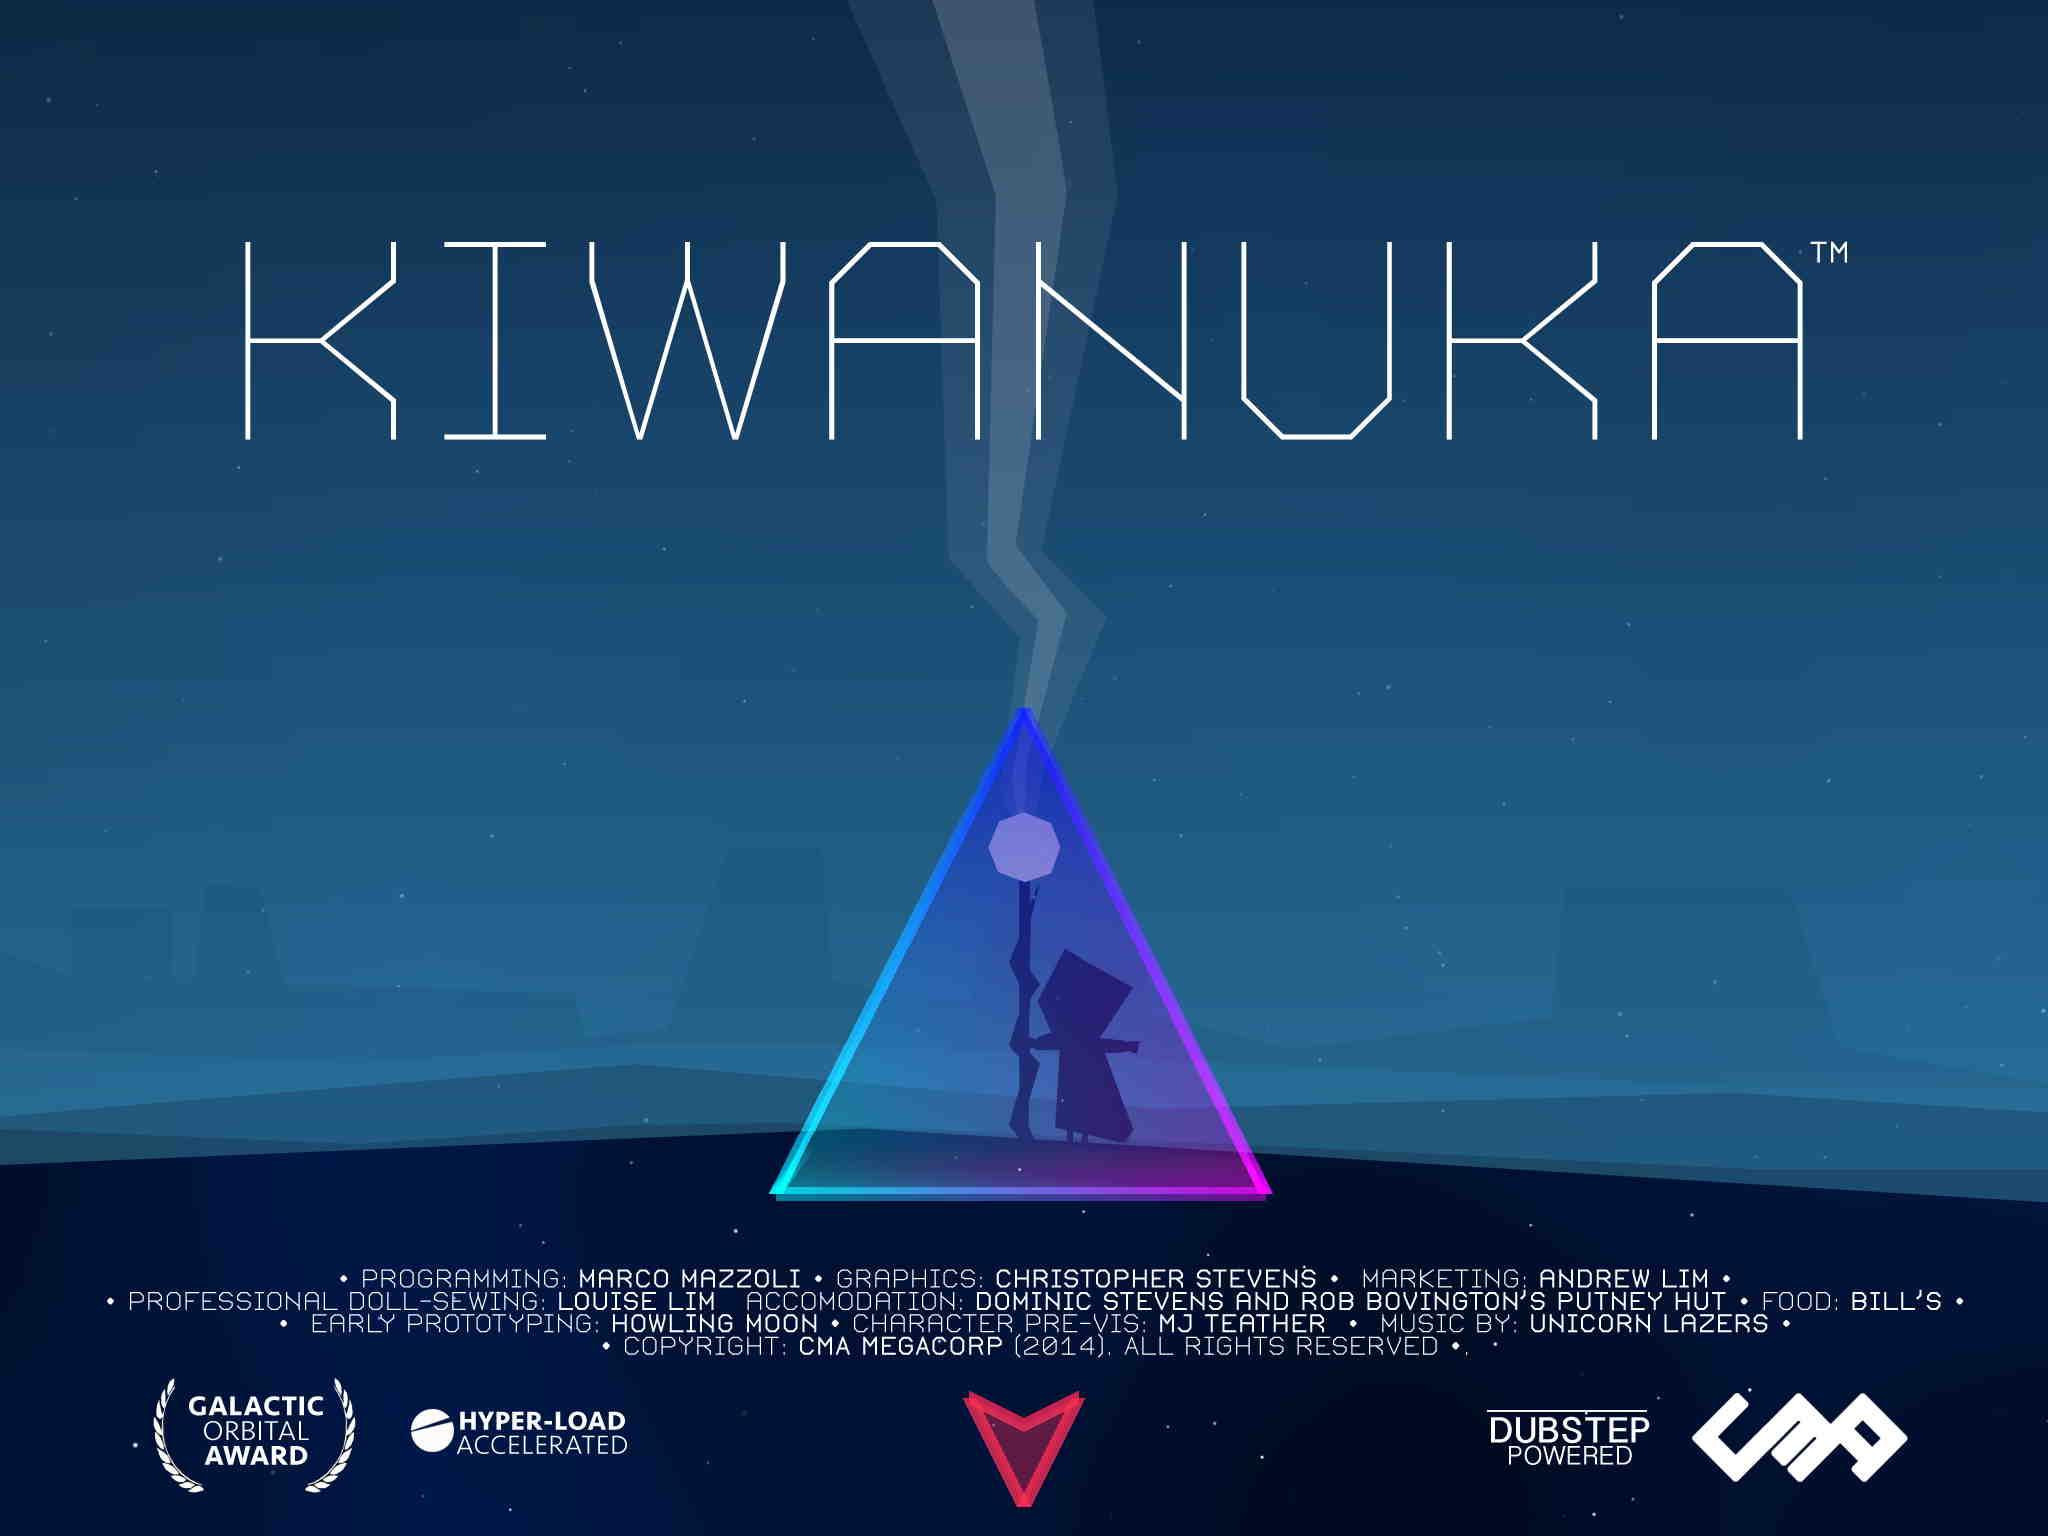 Kiwanuka_01